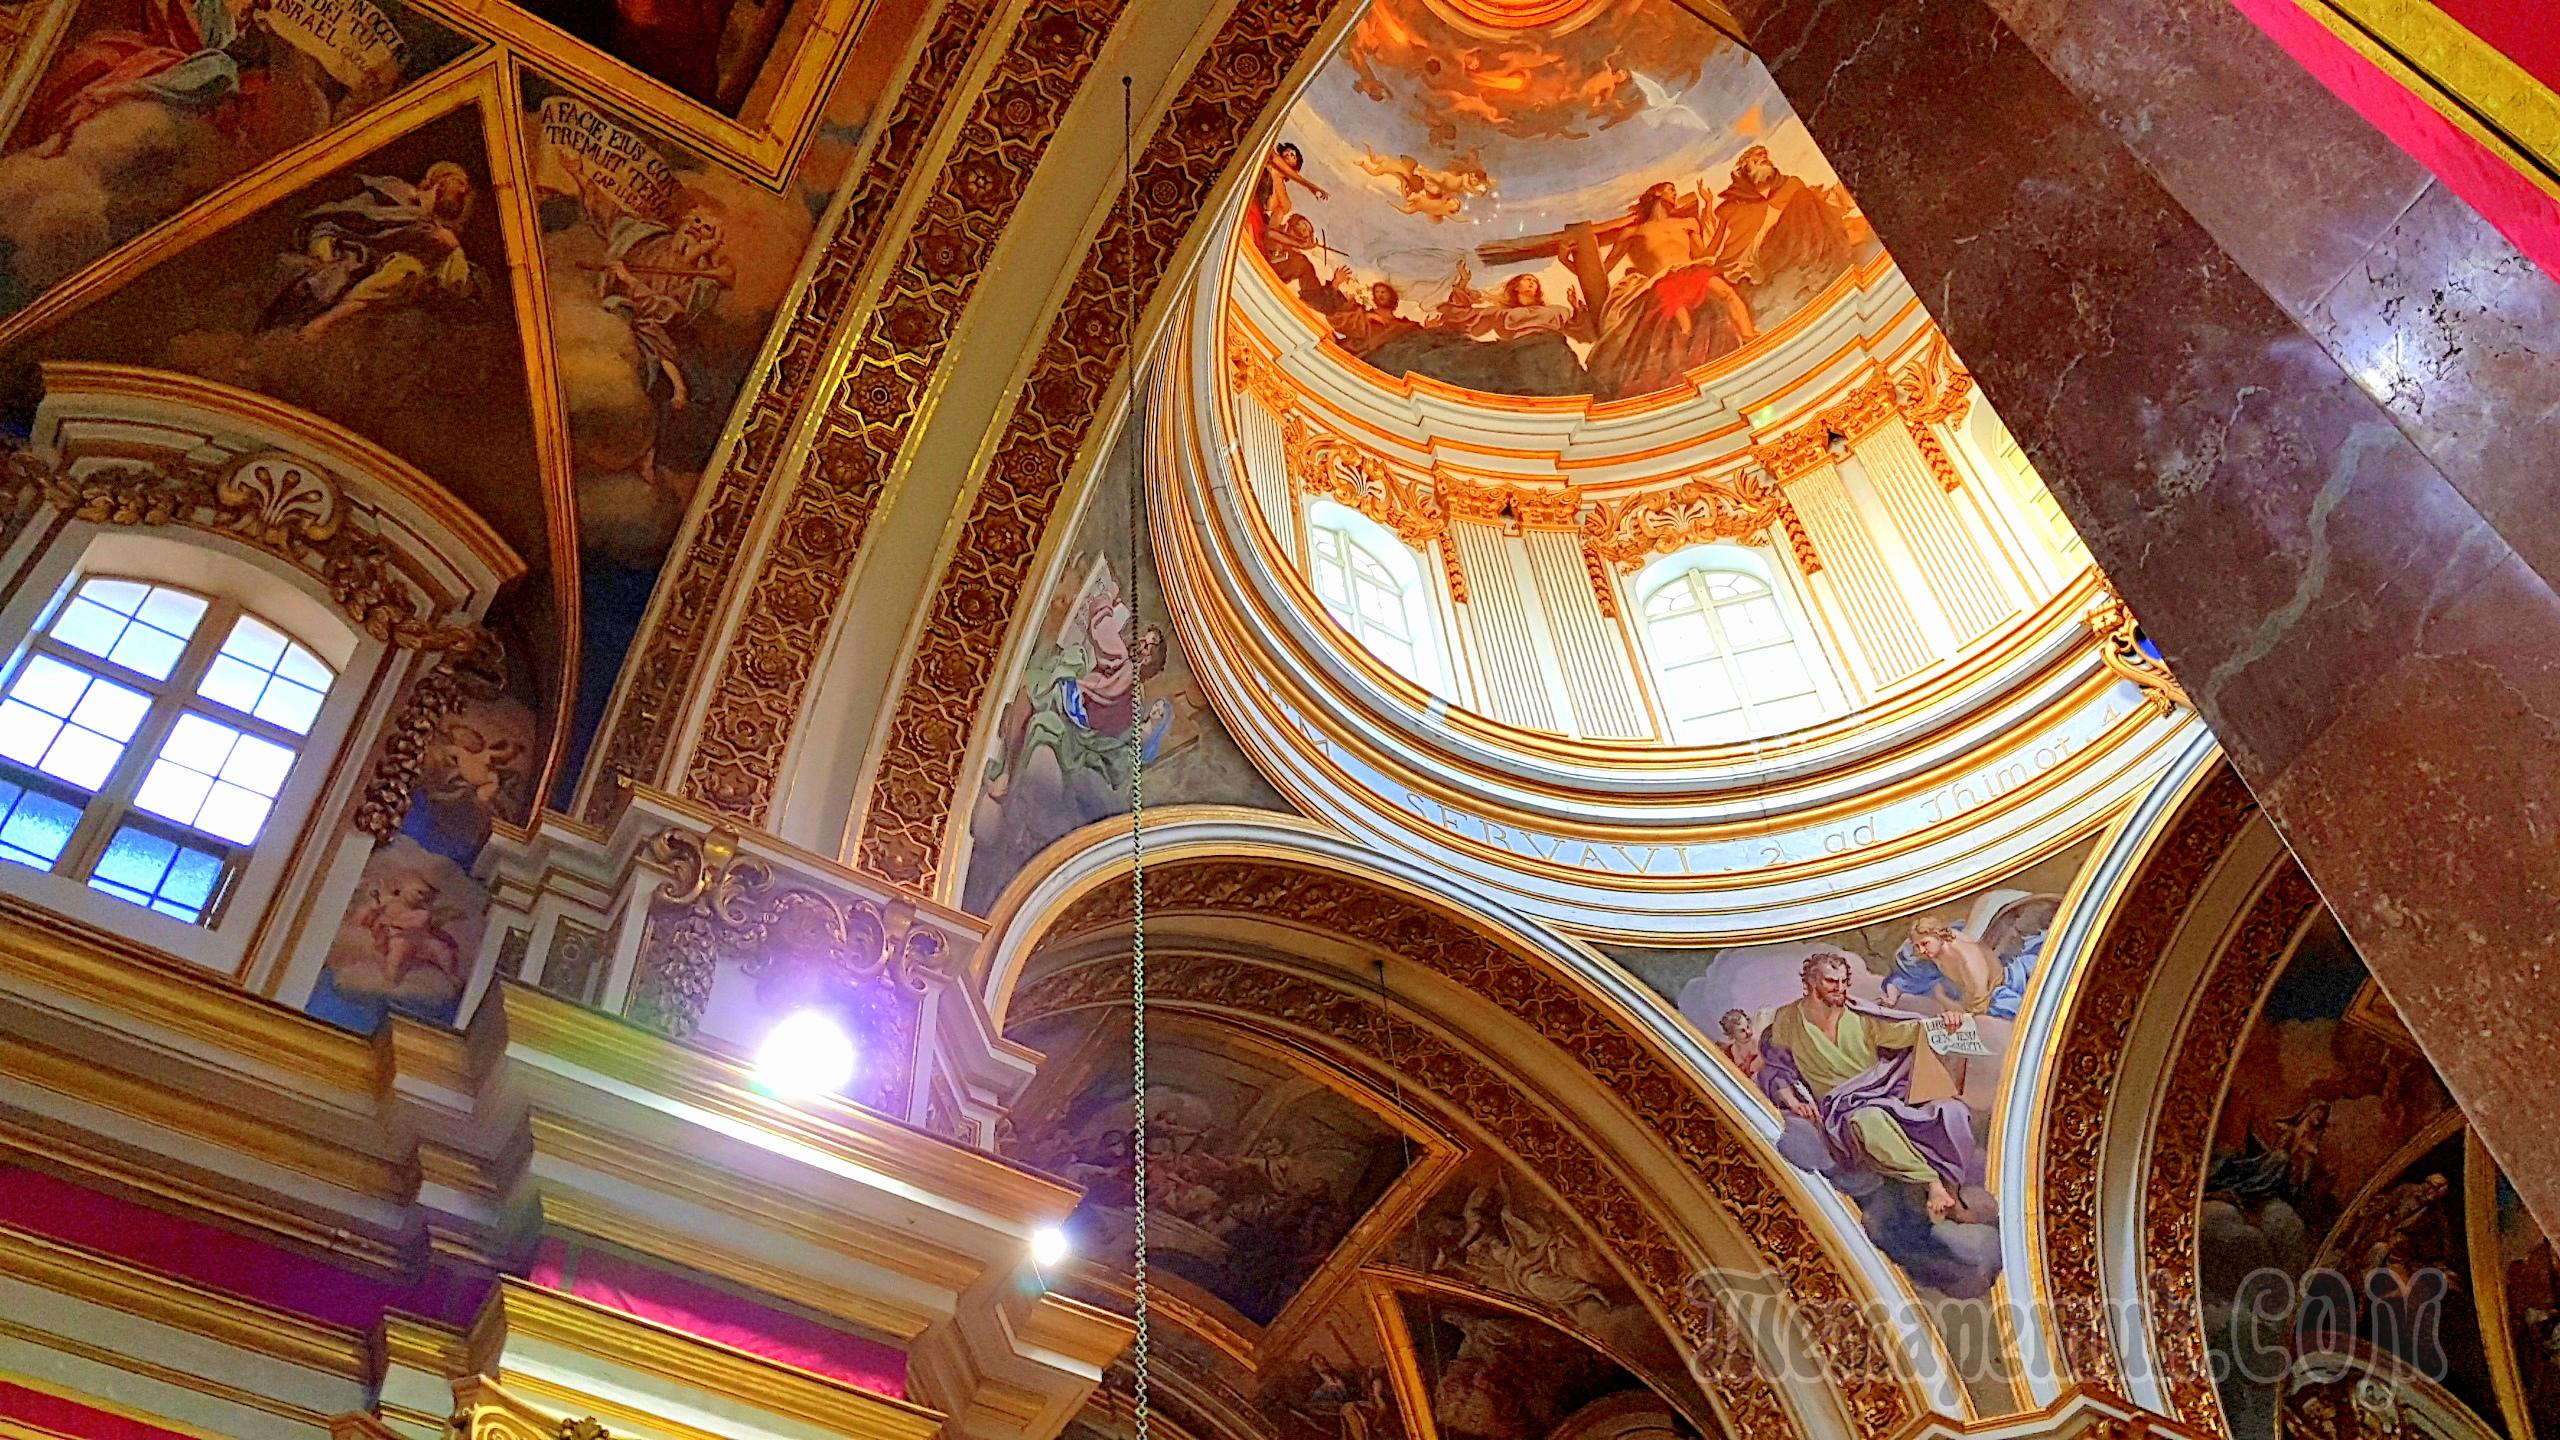 st pauls cathedral mdina - HD2560×1440